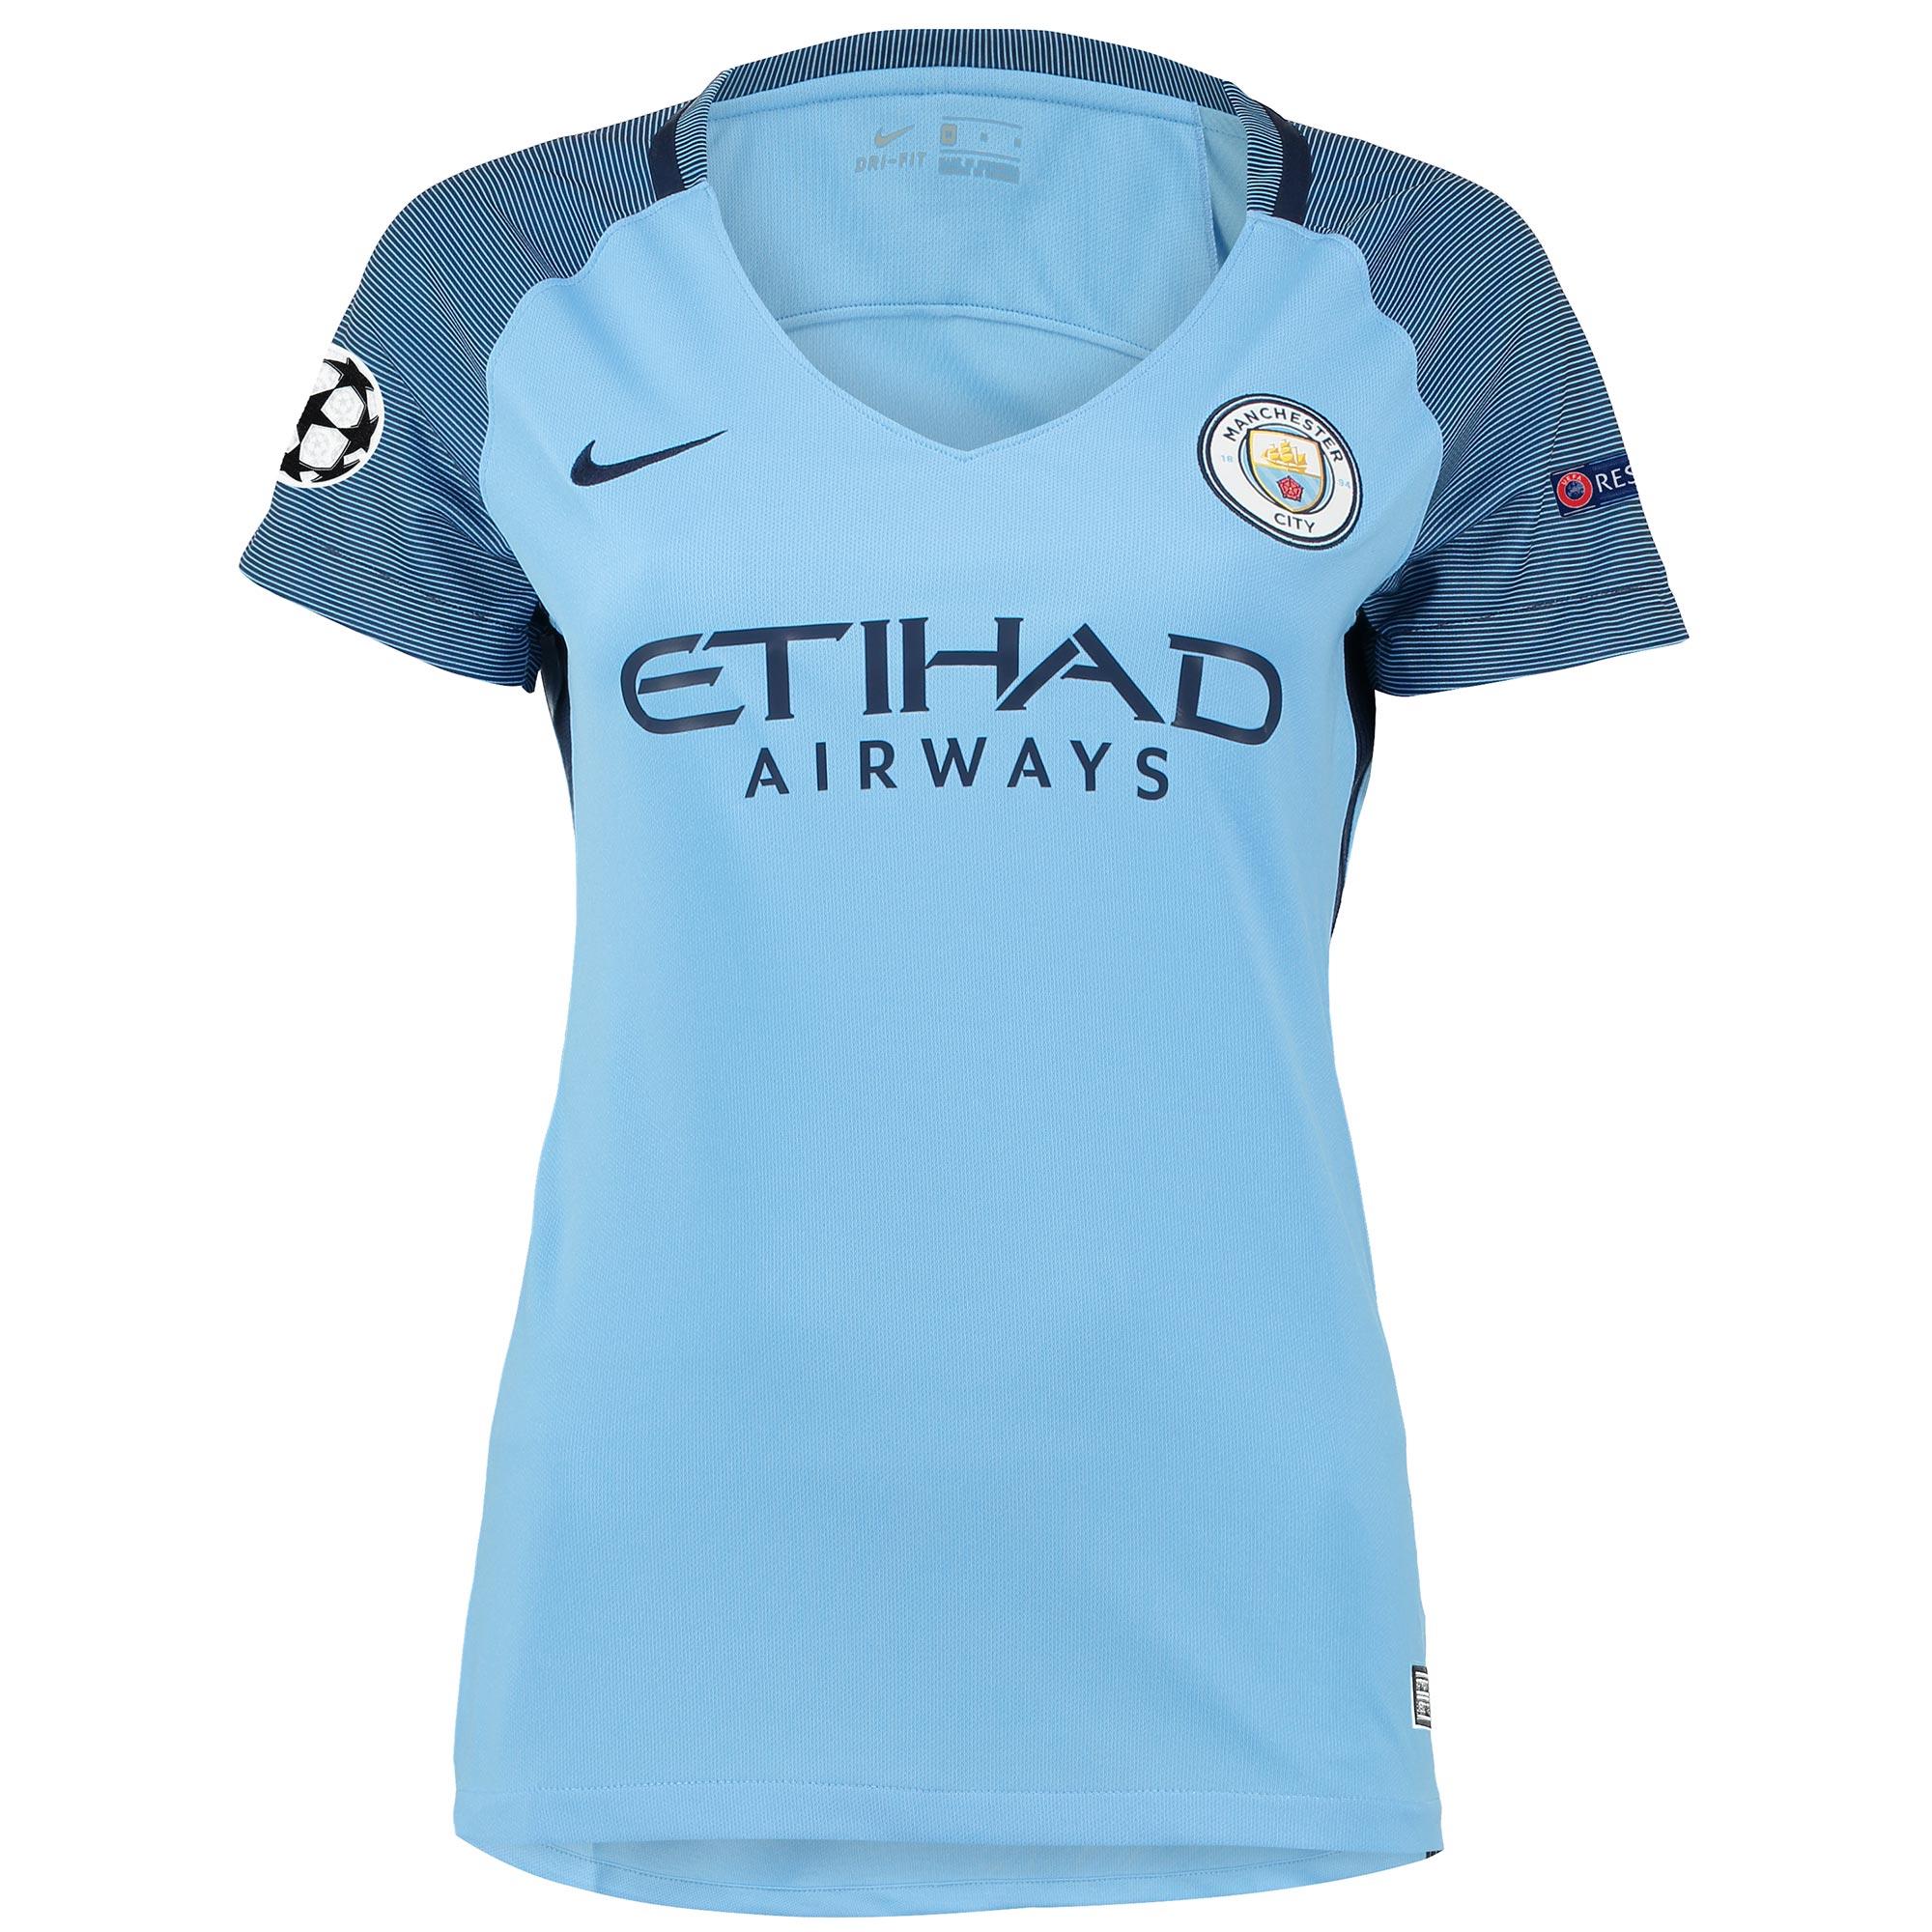 Manchester City UCL Home Stadium Shirt 2016-17 - Womens